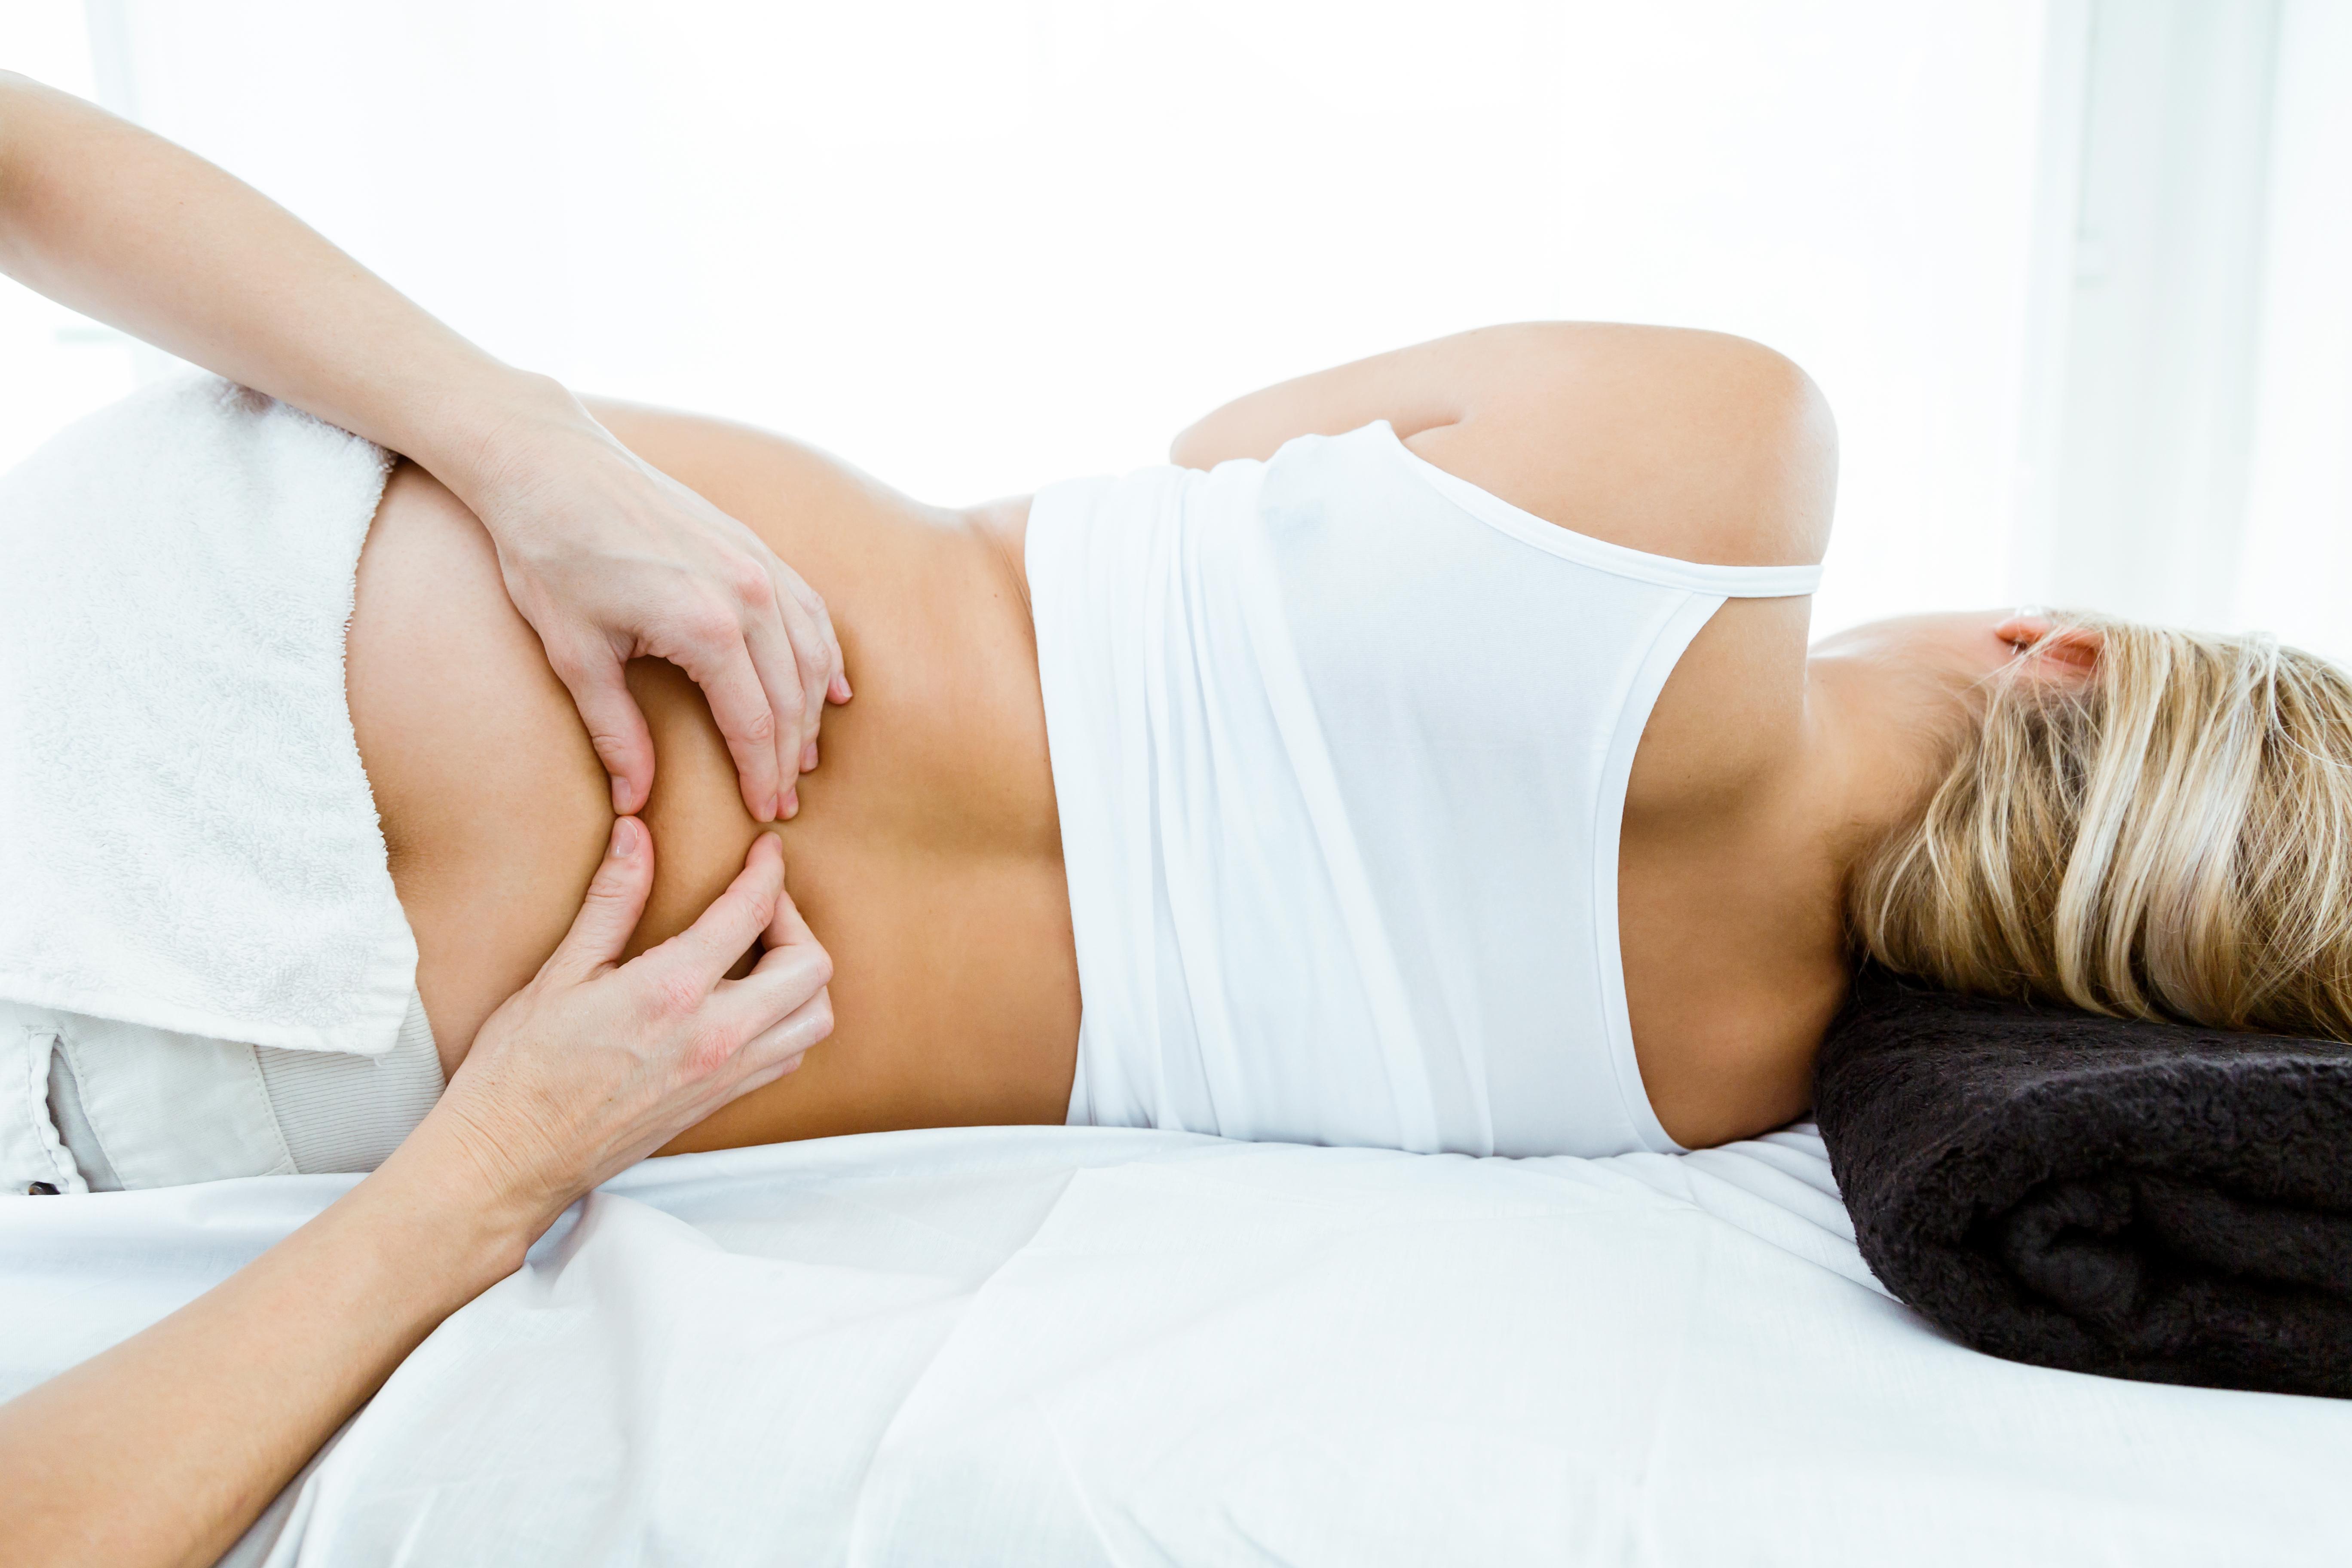 rasedate massaaž